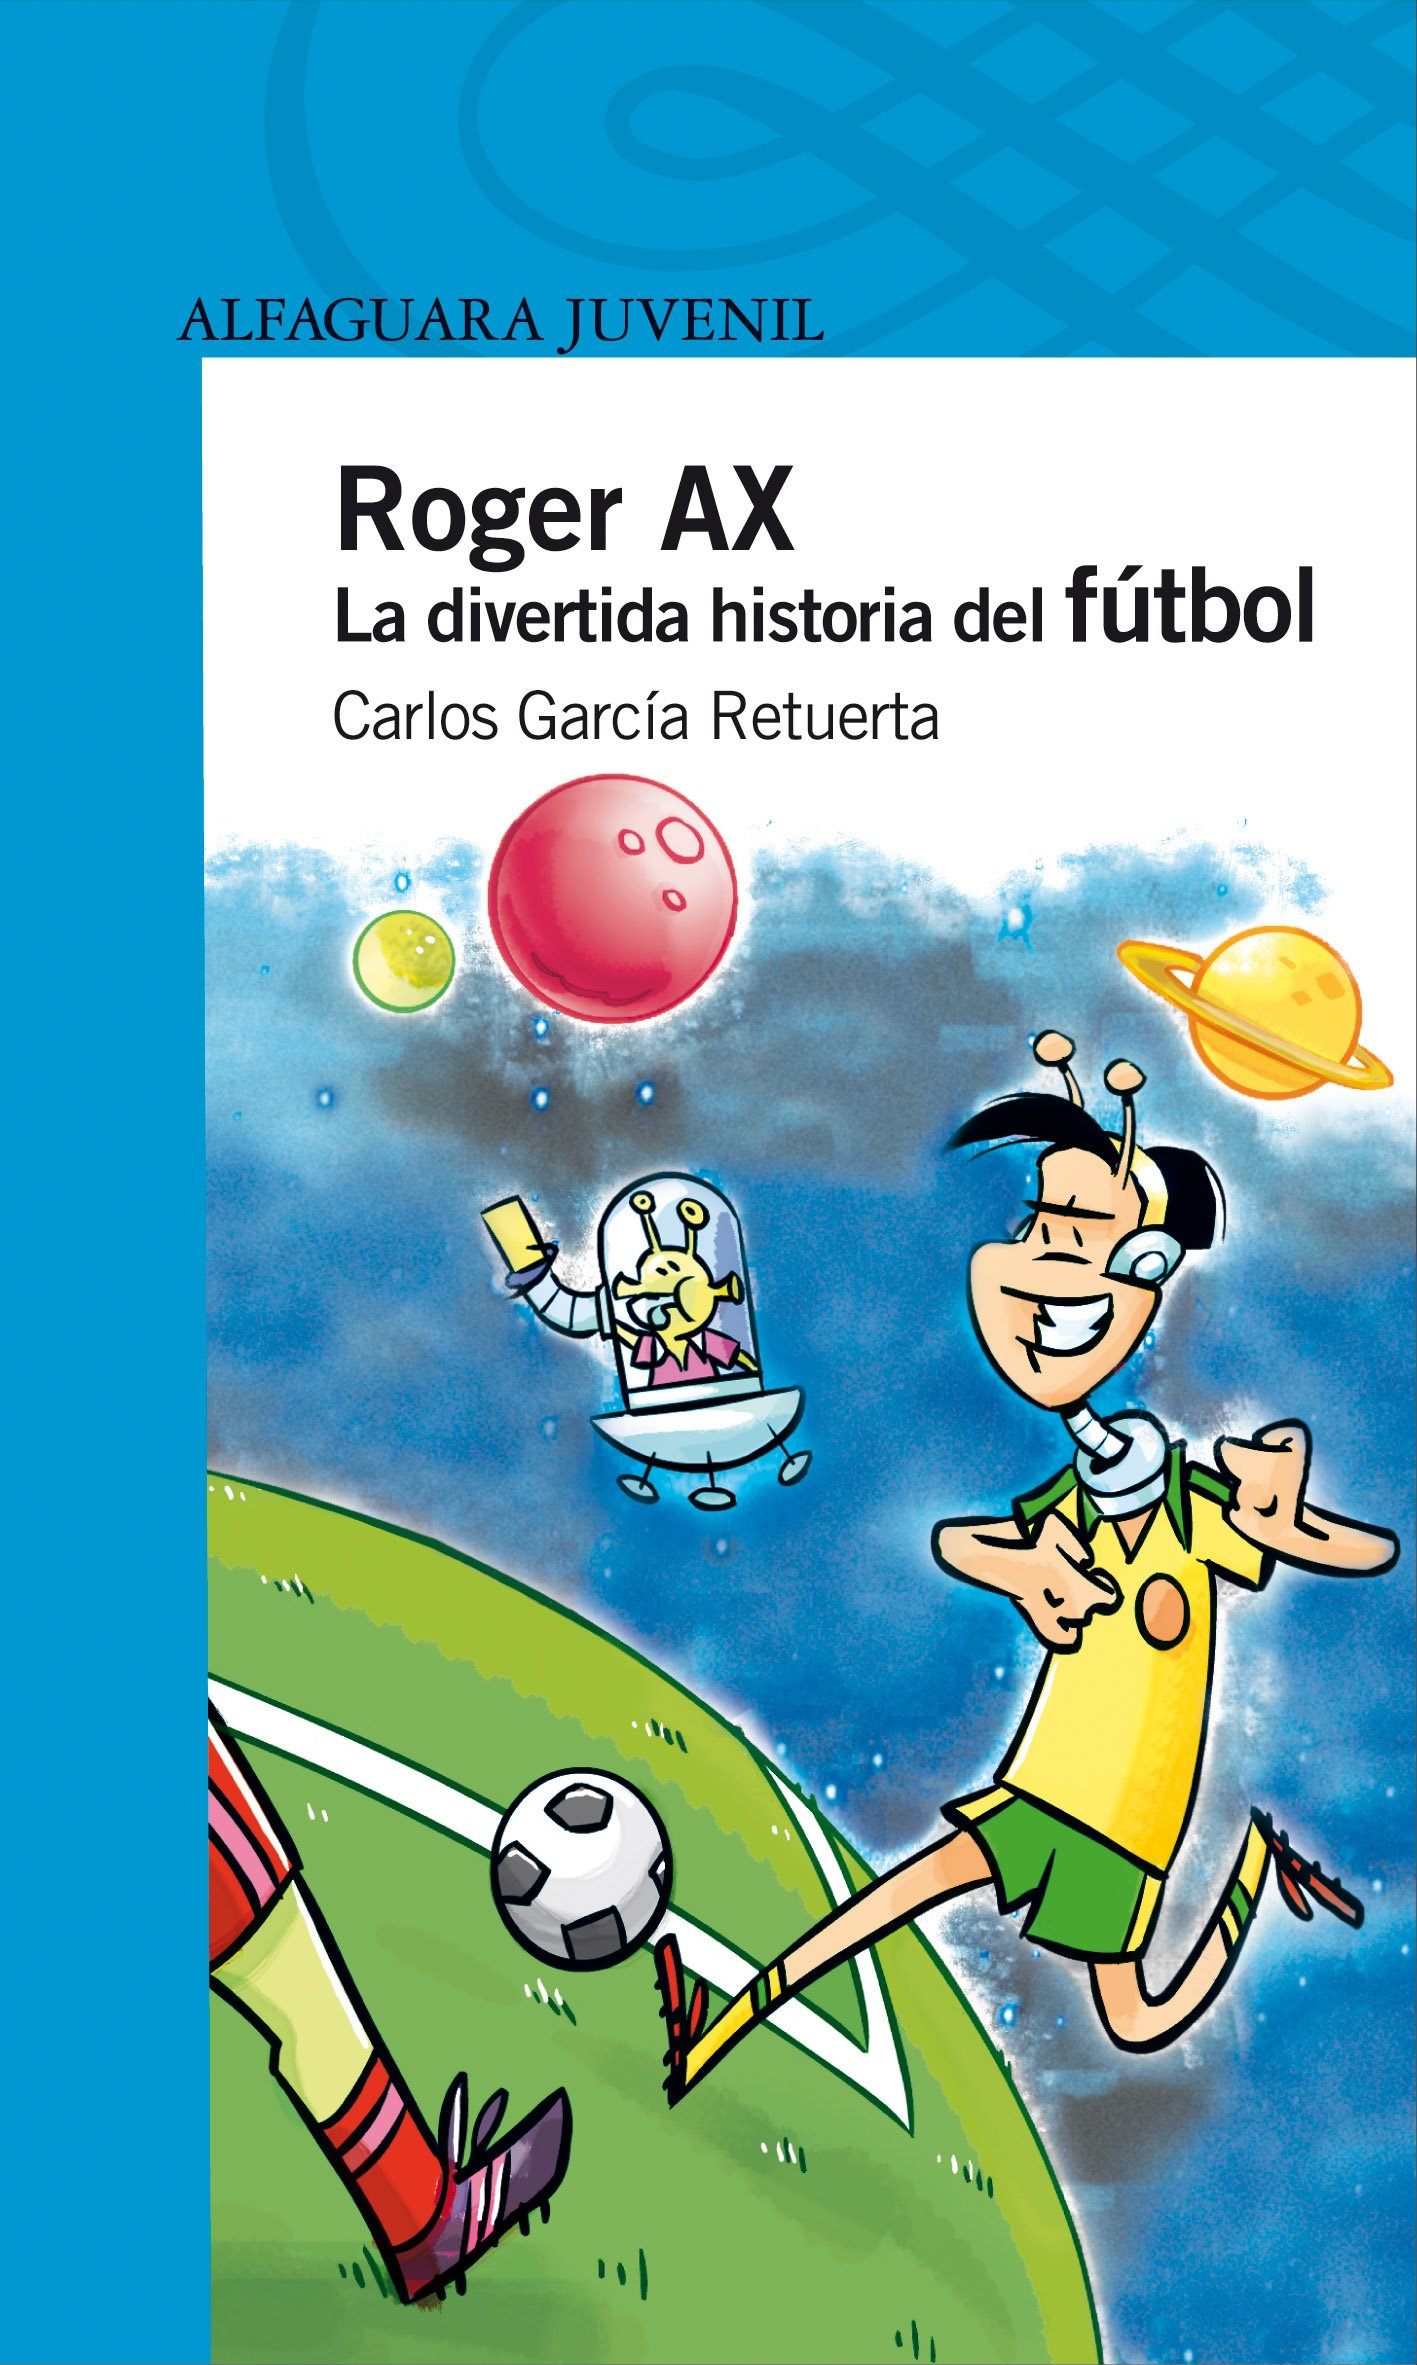 Roger Ax. La divertida historia del fútbol Serie azul: Amazon.es: Garcia Retuerta, Carlos F.: Libros